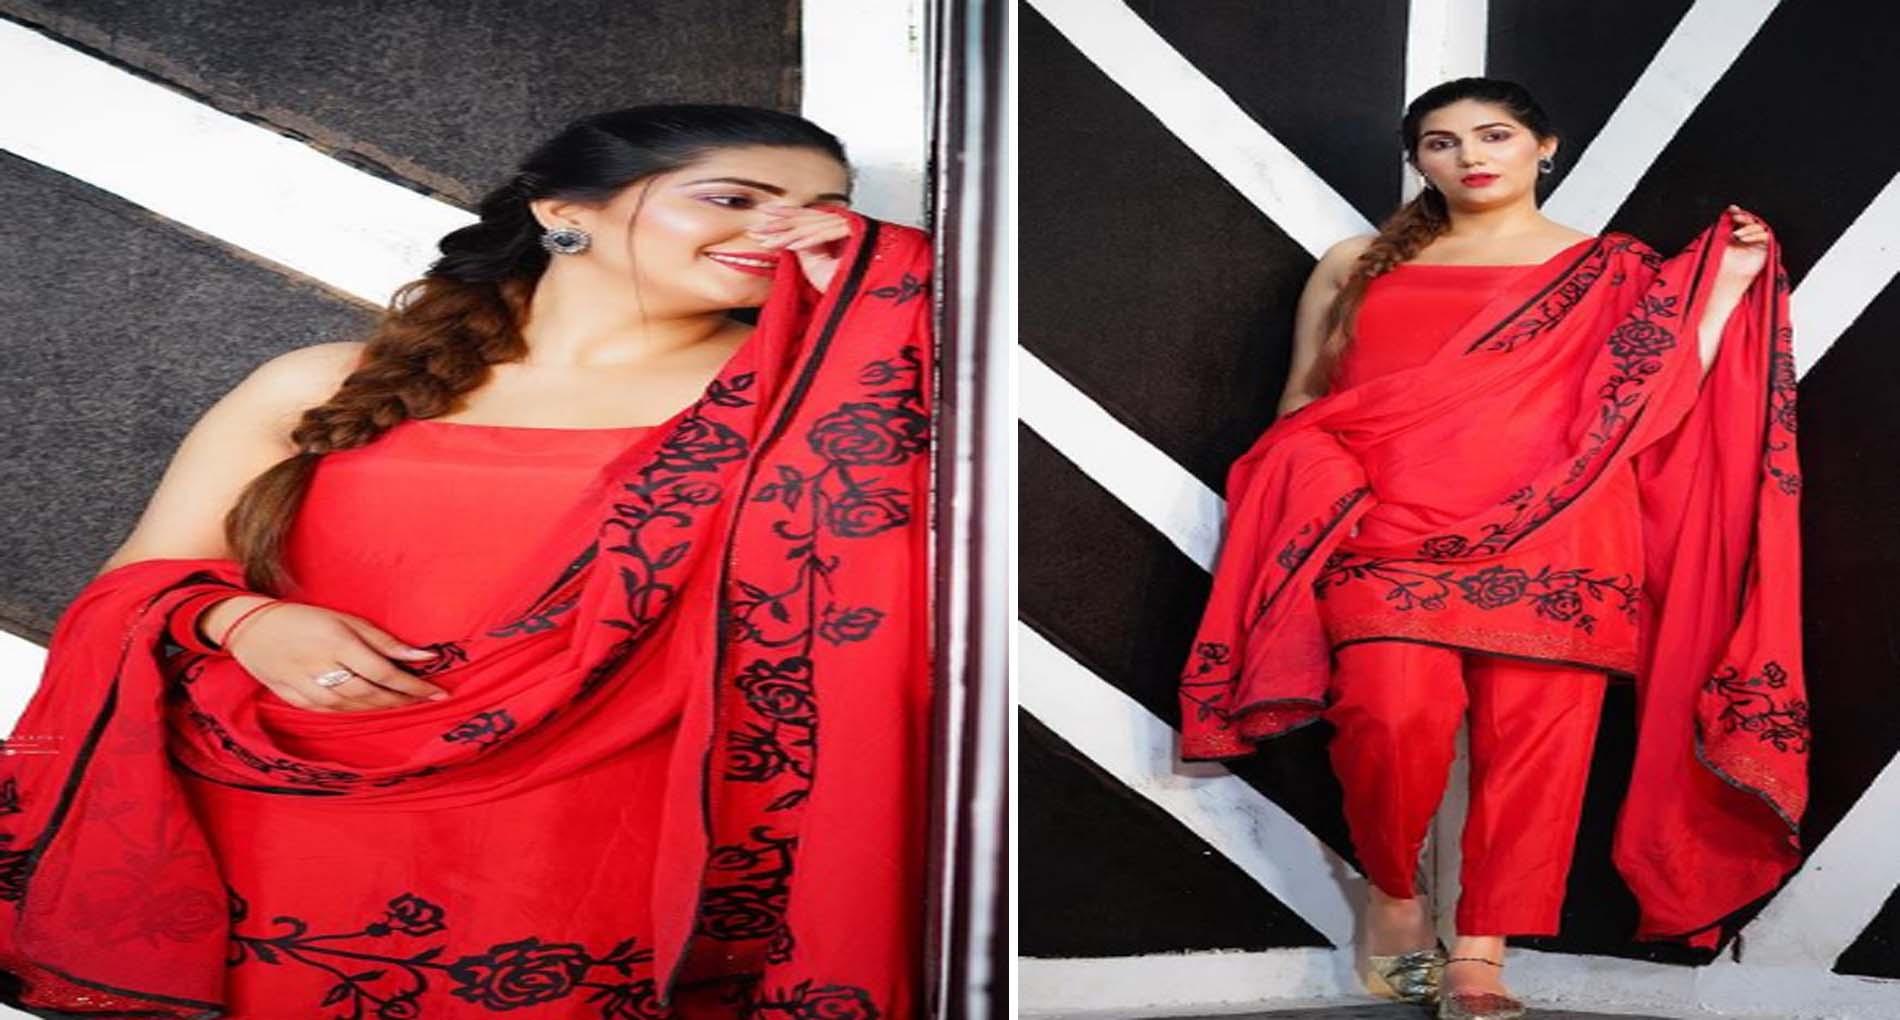 Sapna Choudhary Photos: रेड सूट पहन सपना चौधरी ने ढाया कहर! देखें तस्वीरें